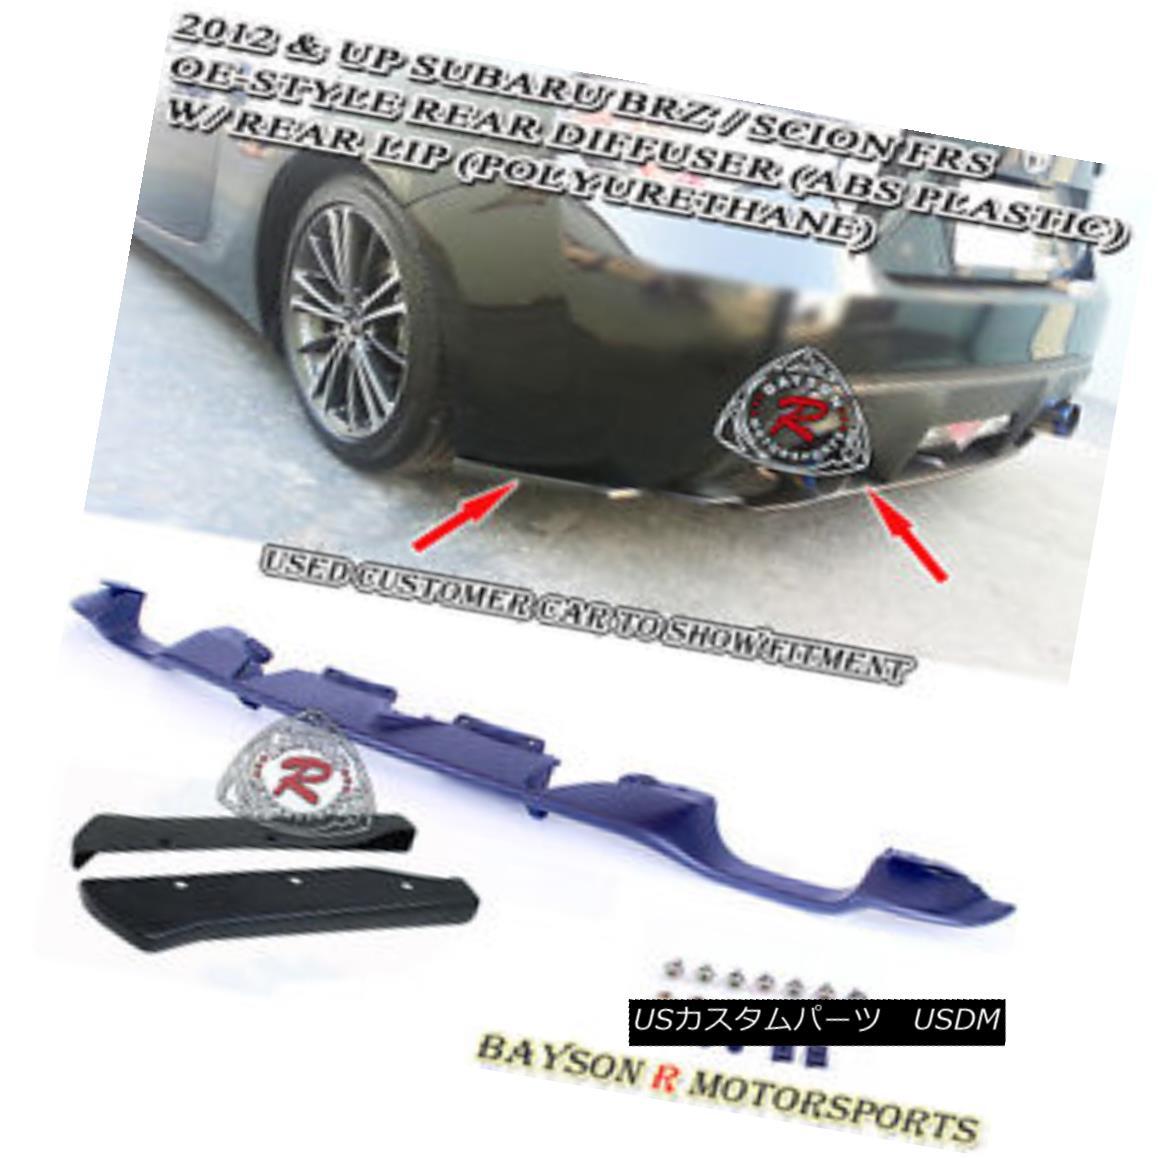 エアロパーツ OE-Style Rear Diffuser + A-Style Rear Lip Aprons Fits 12-16 Scion FR-S Toyota 86 OEスタイルリアディフューザー+ Aスタイルリアリップエプロンは、12-16サイオンFR-Sトヨタ86に適合